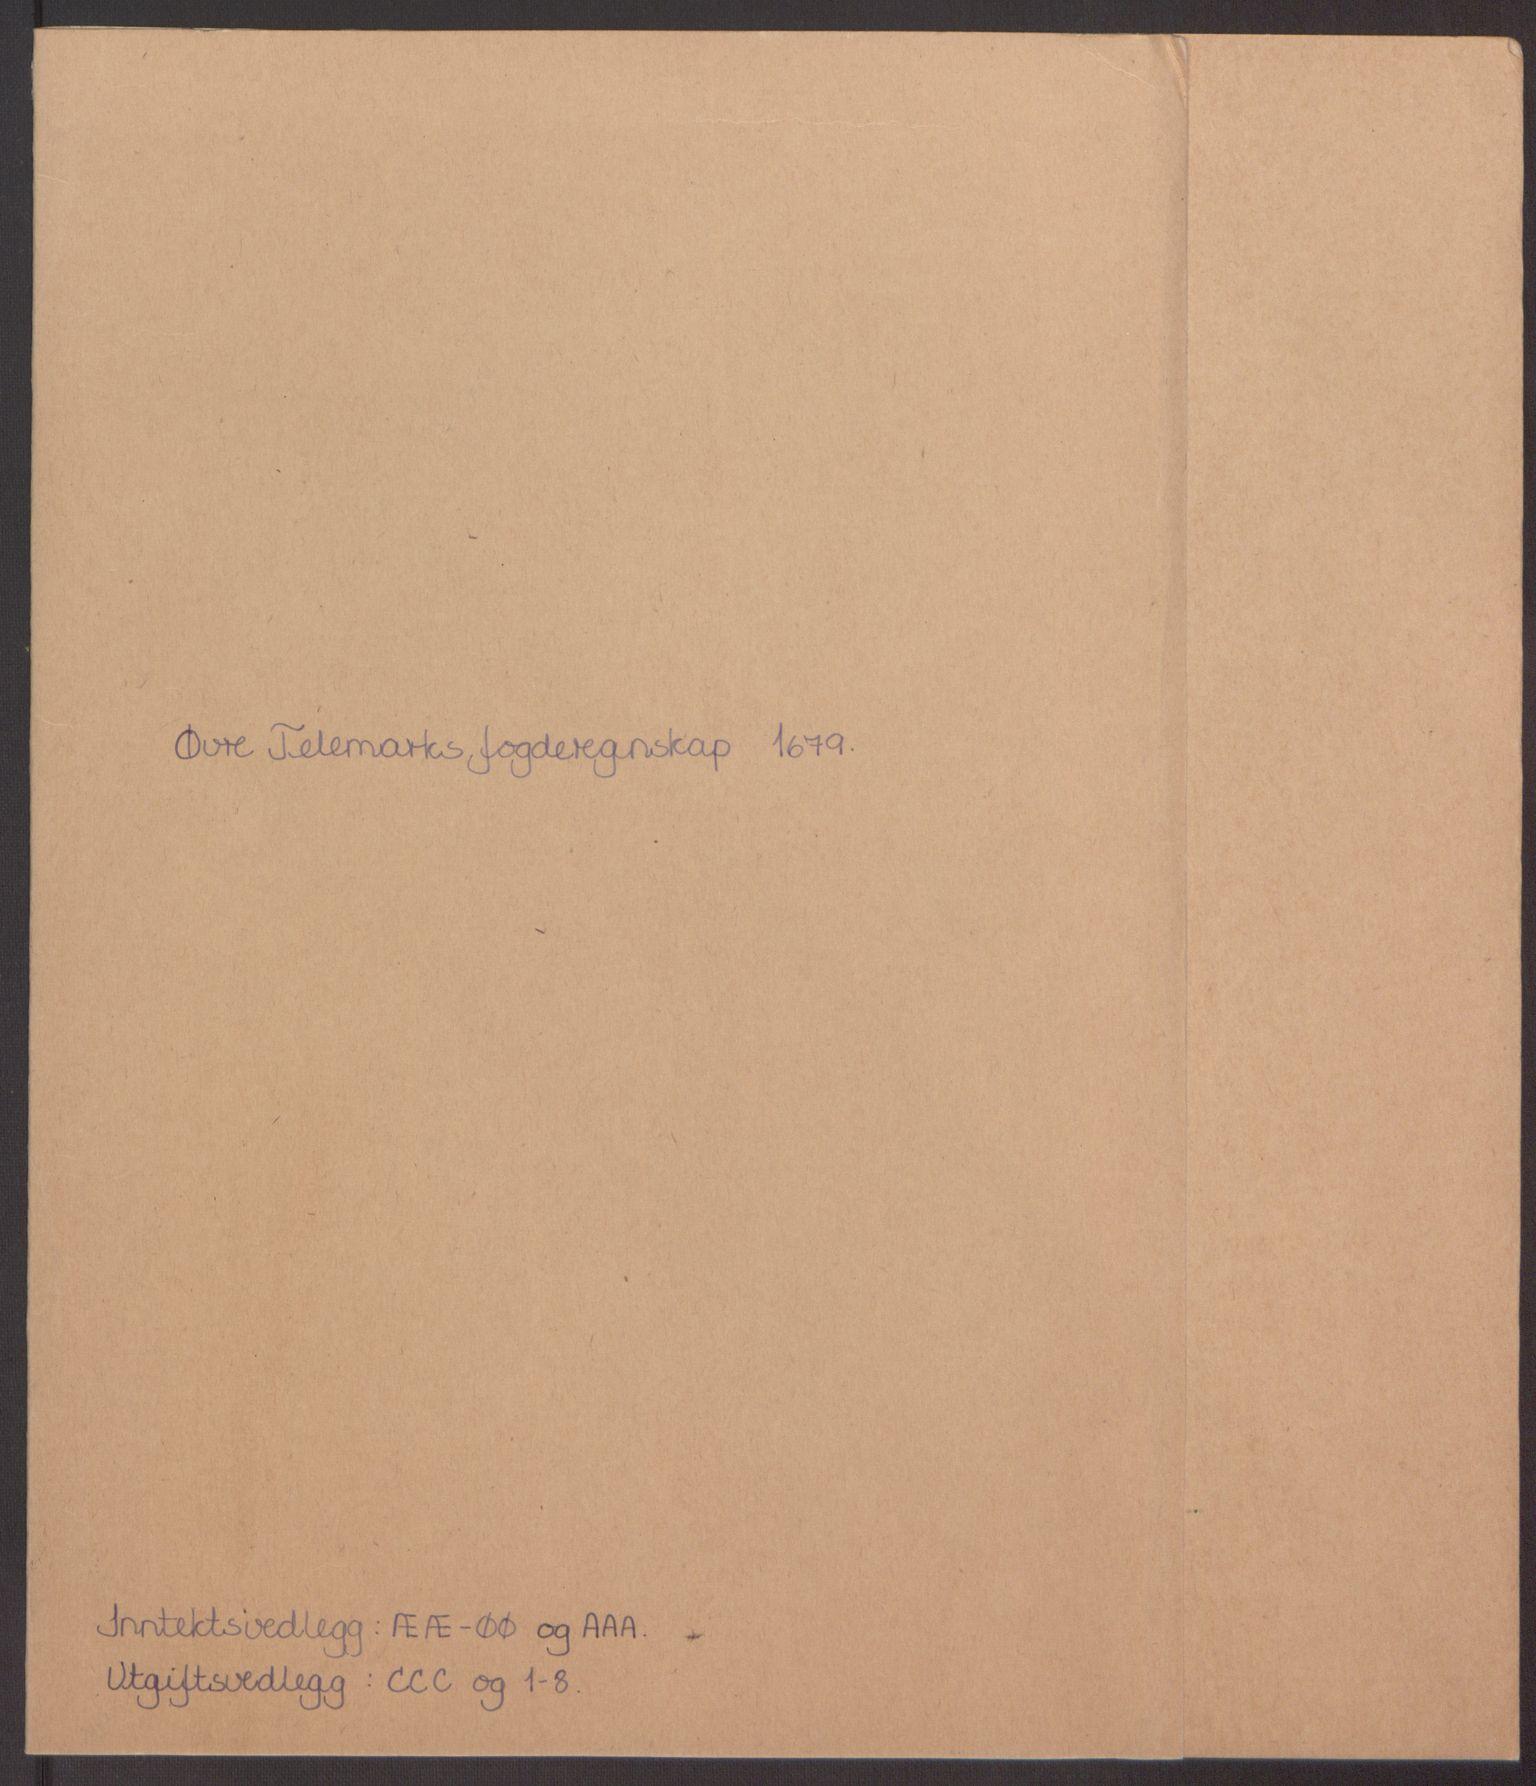 RA, Rentekammeret inntil 1814, Reviderte regnskaper, Fogderegnskap, R35/L2074: Fogderegnskap Øvre og Nedre Telemark, 1679, s. 2